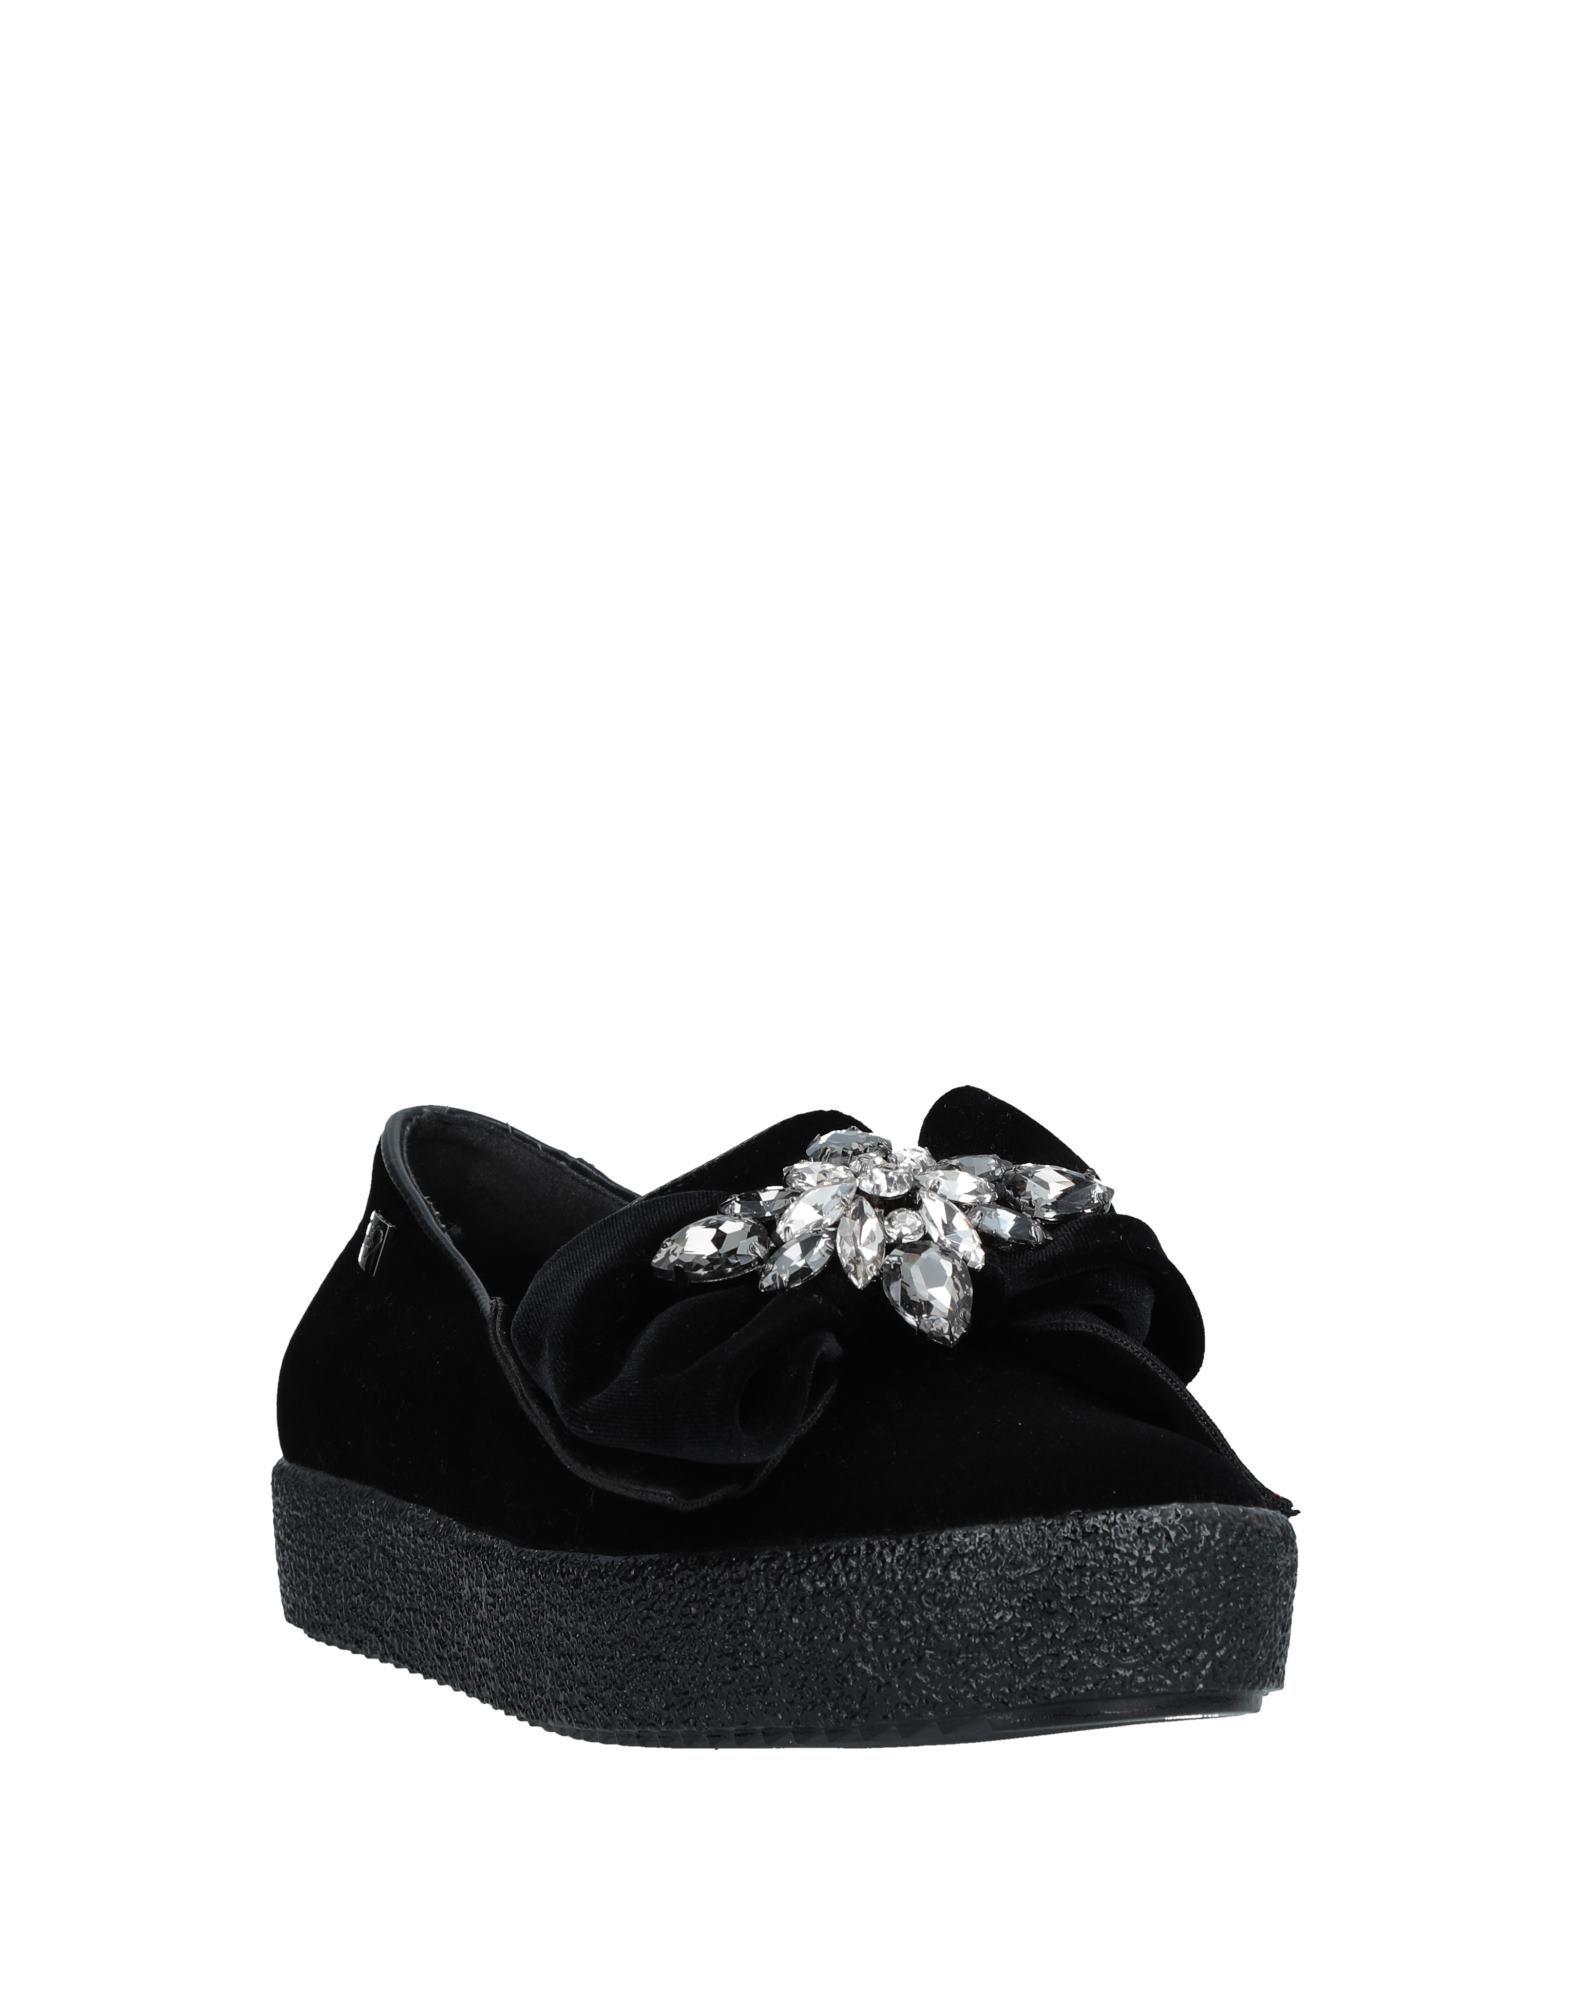 Tua By Braccialini Gute Sneakers Damen  11528956UC Gute Braccialini Qualität beliebte Schuhe 2806e1